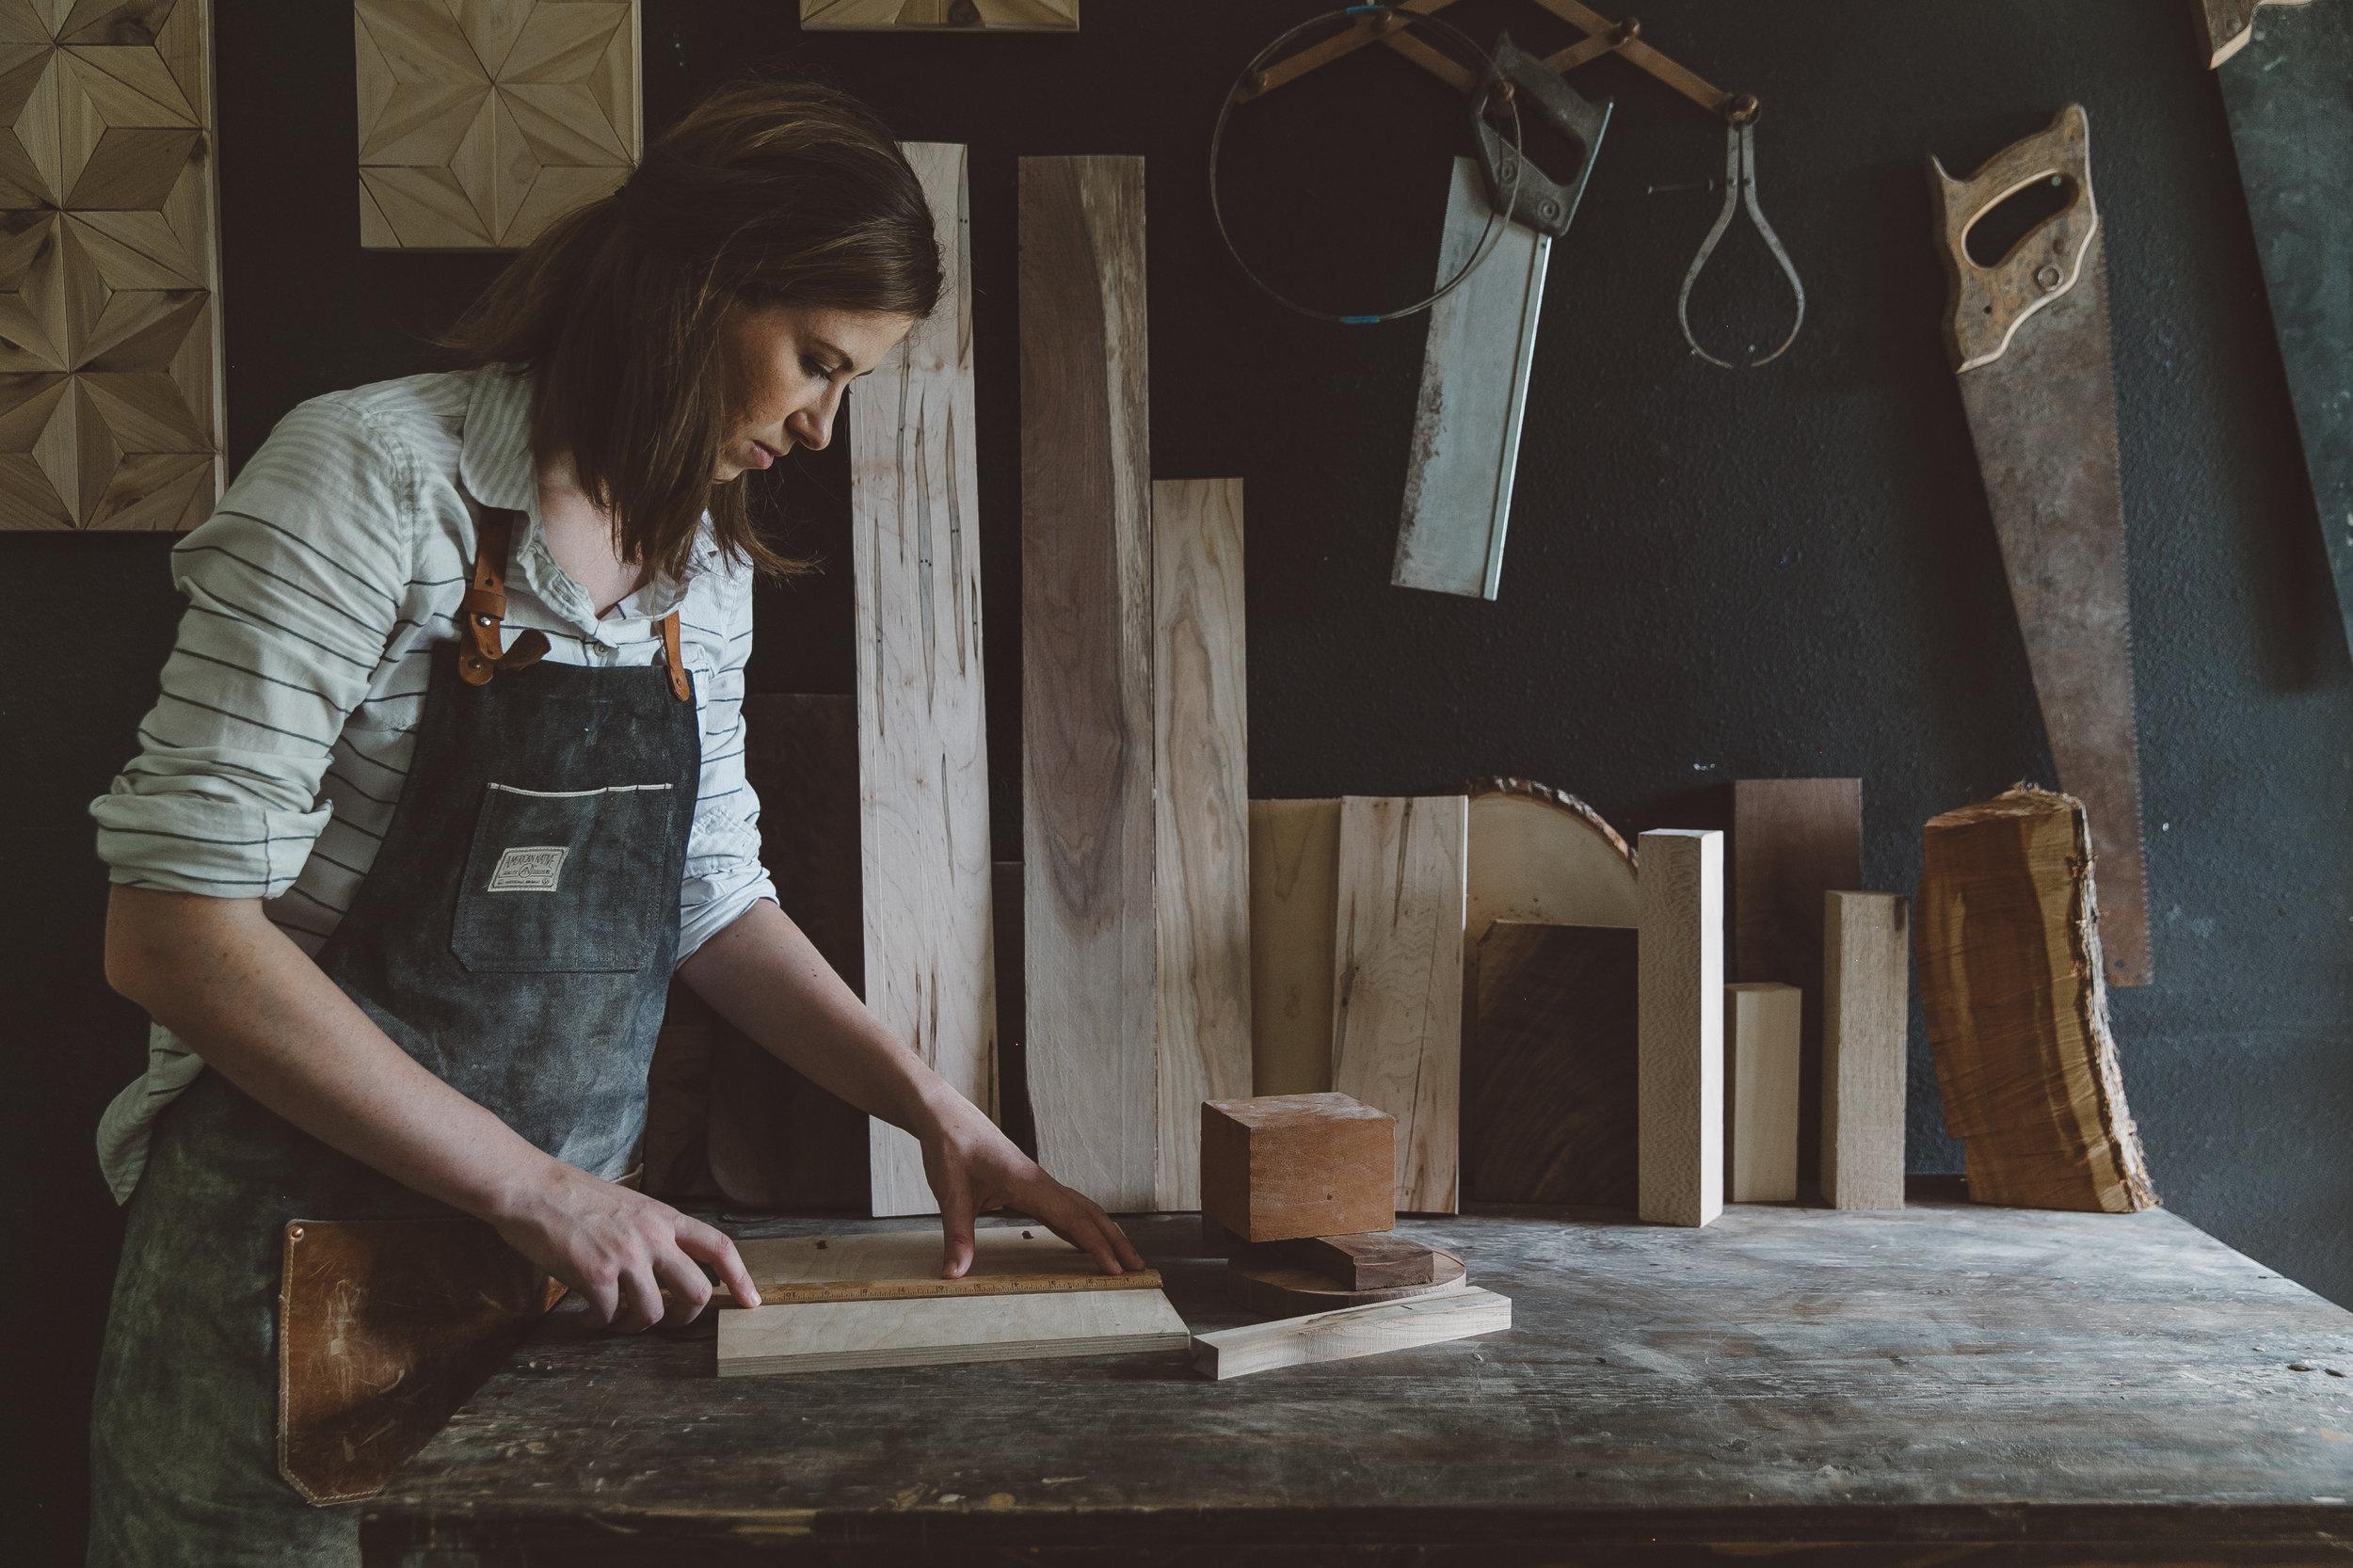 woodworking workshops -